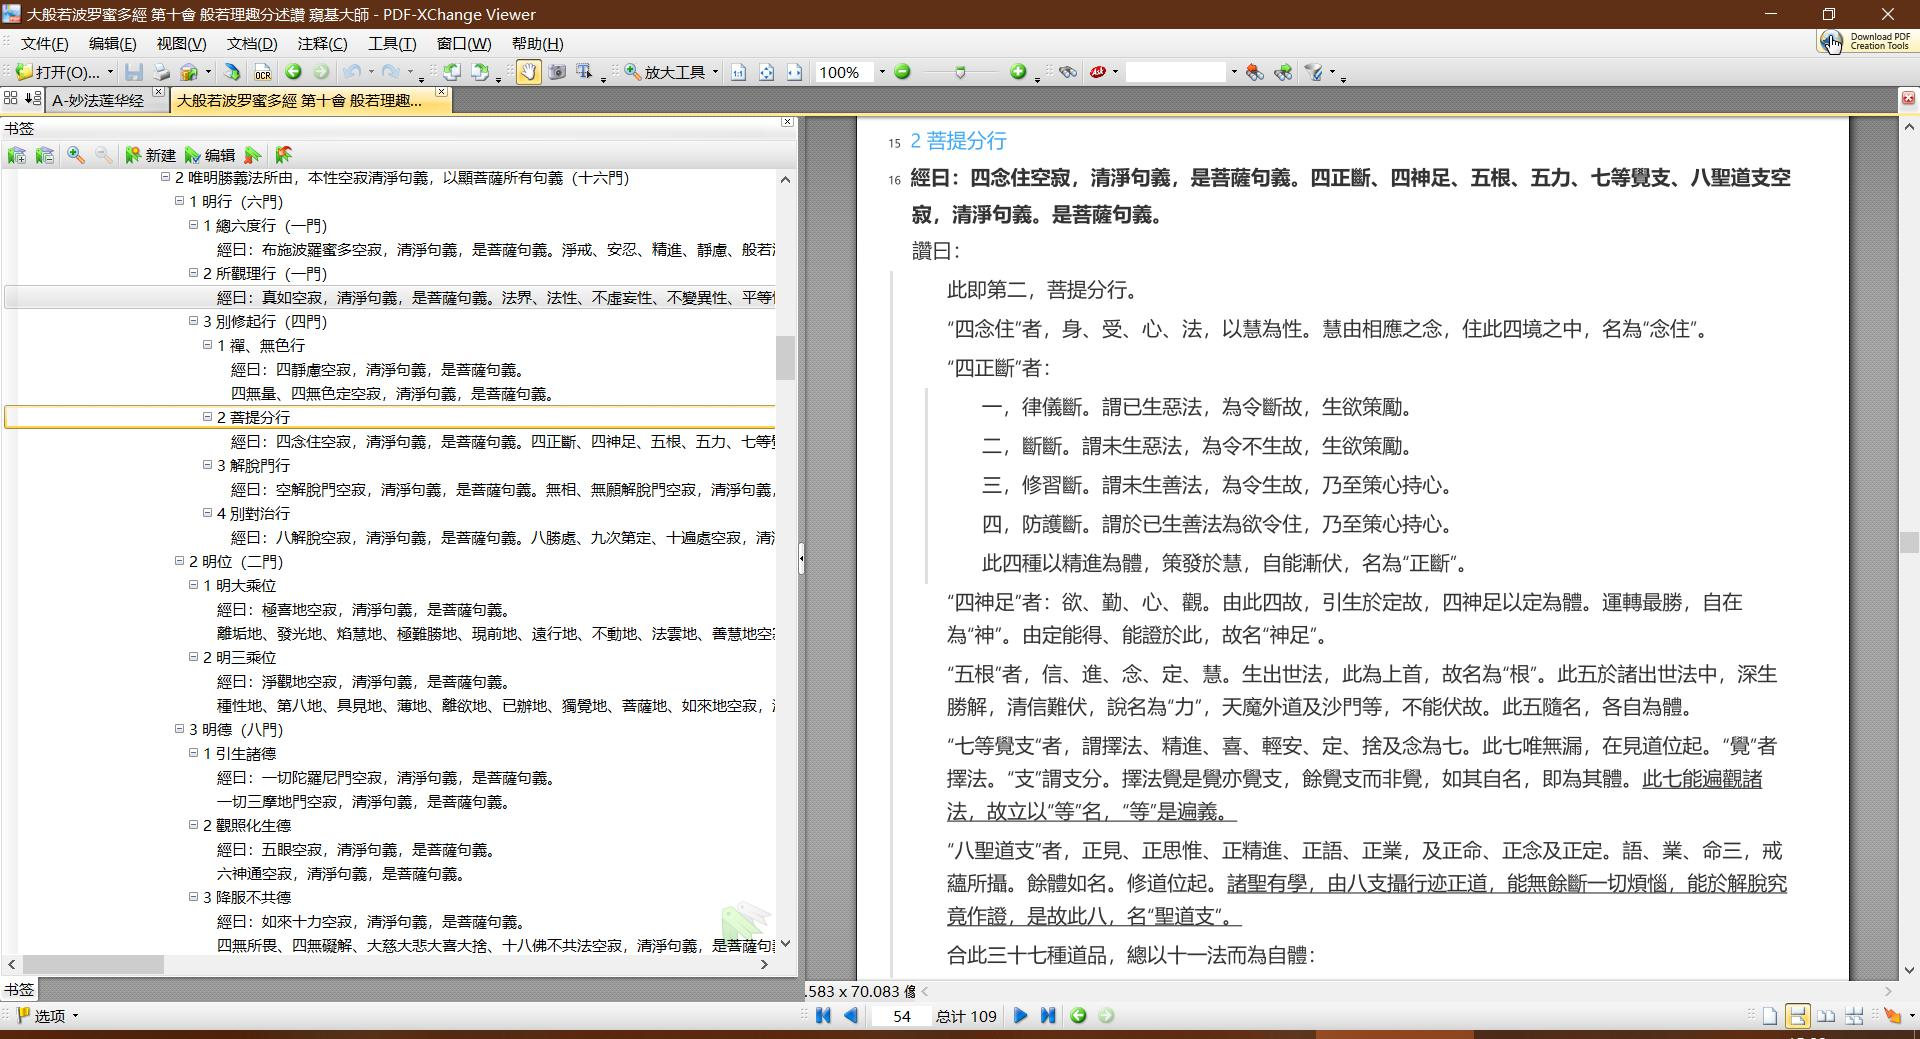 PDF 阅读效果